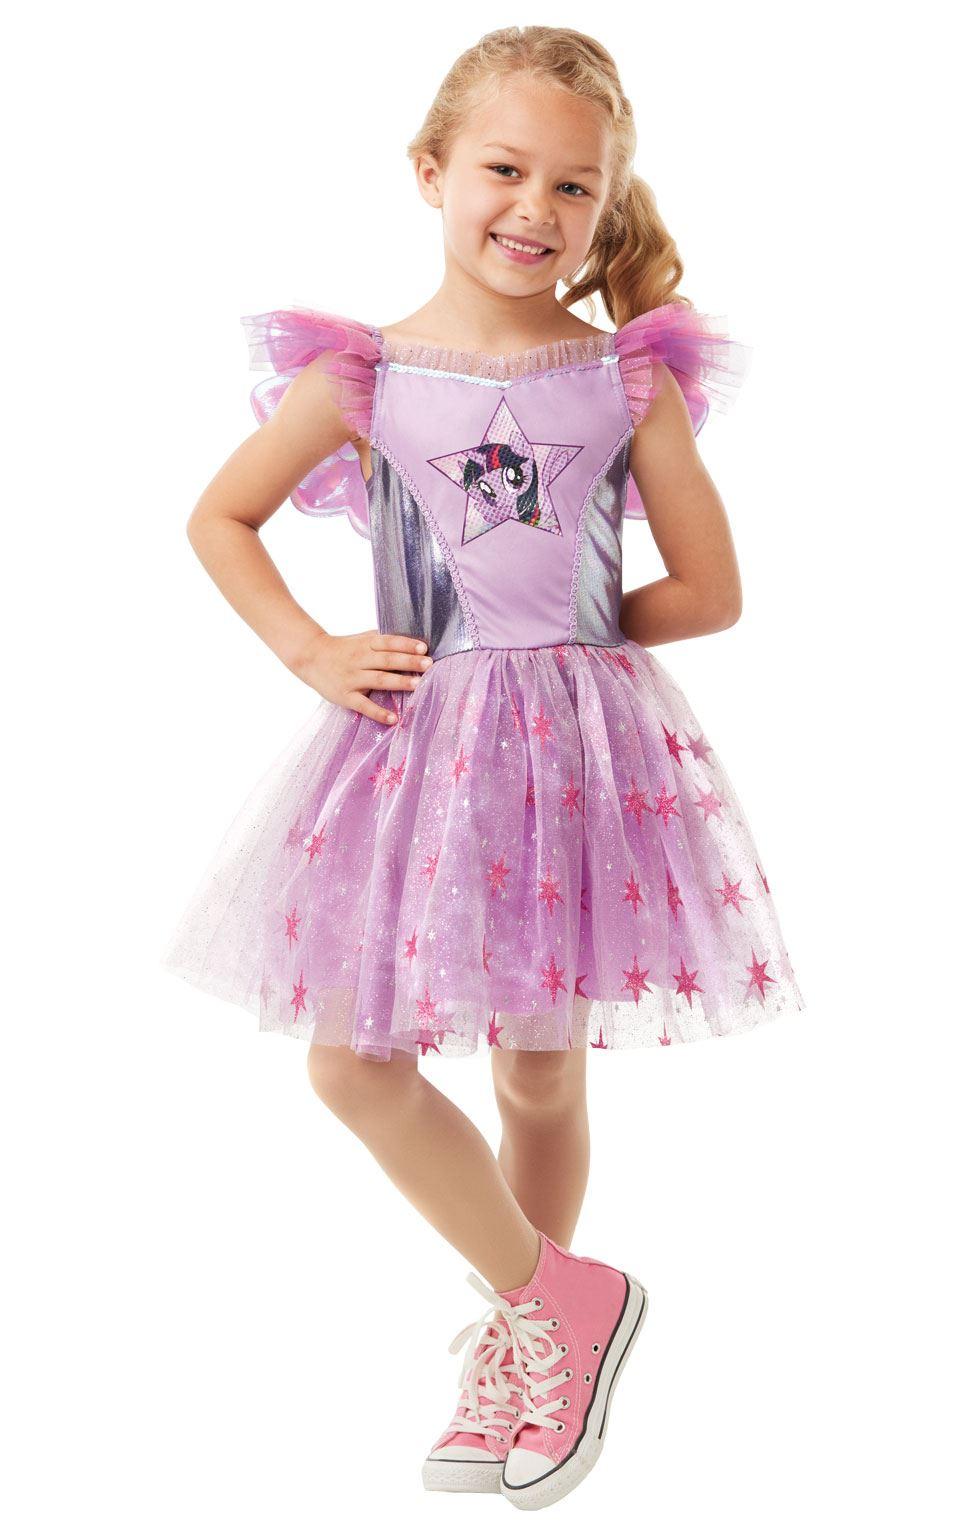 de lujo para niñas Crepúsculo Brillo MY LITTLE PONY Disfraz Traje De ...